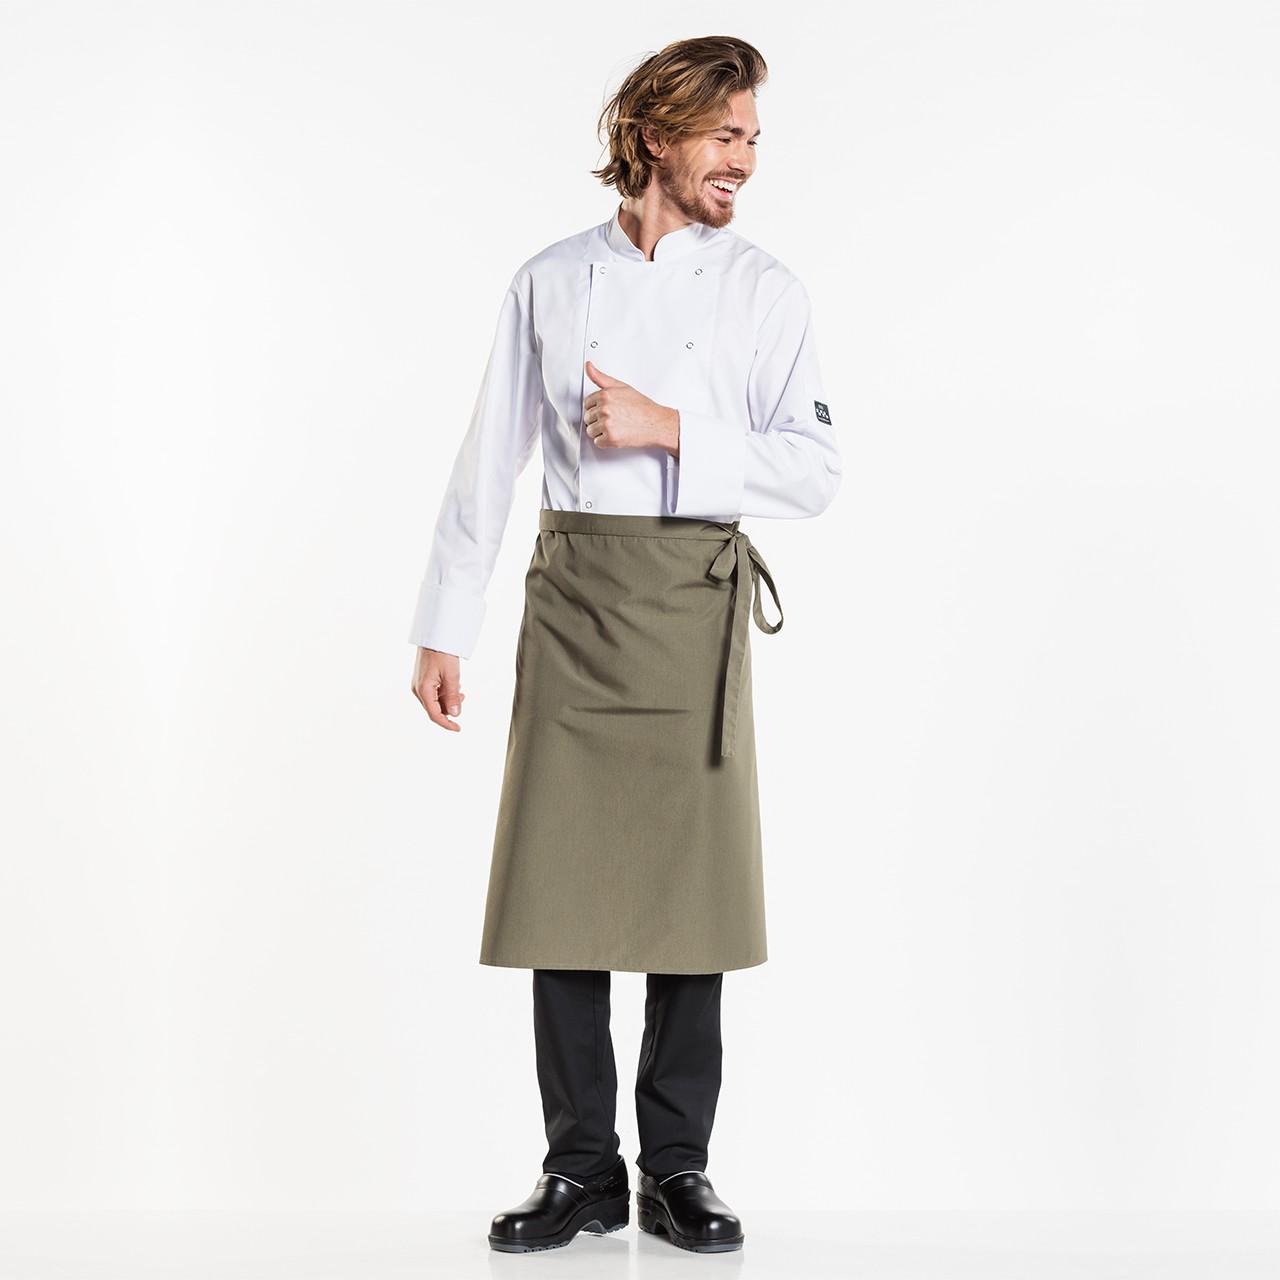 Bistroschürze ohne Tasche Chaud Devant® | bedrucken, besticken, bedrucken lassen, besticken lassen, mit Logo |